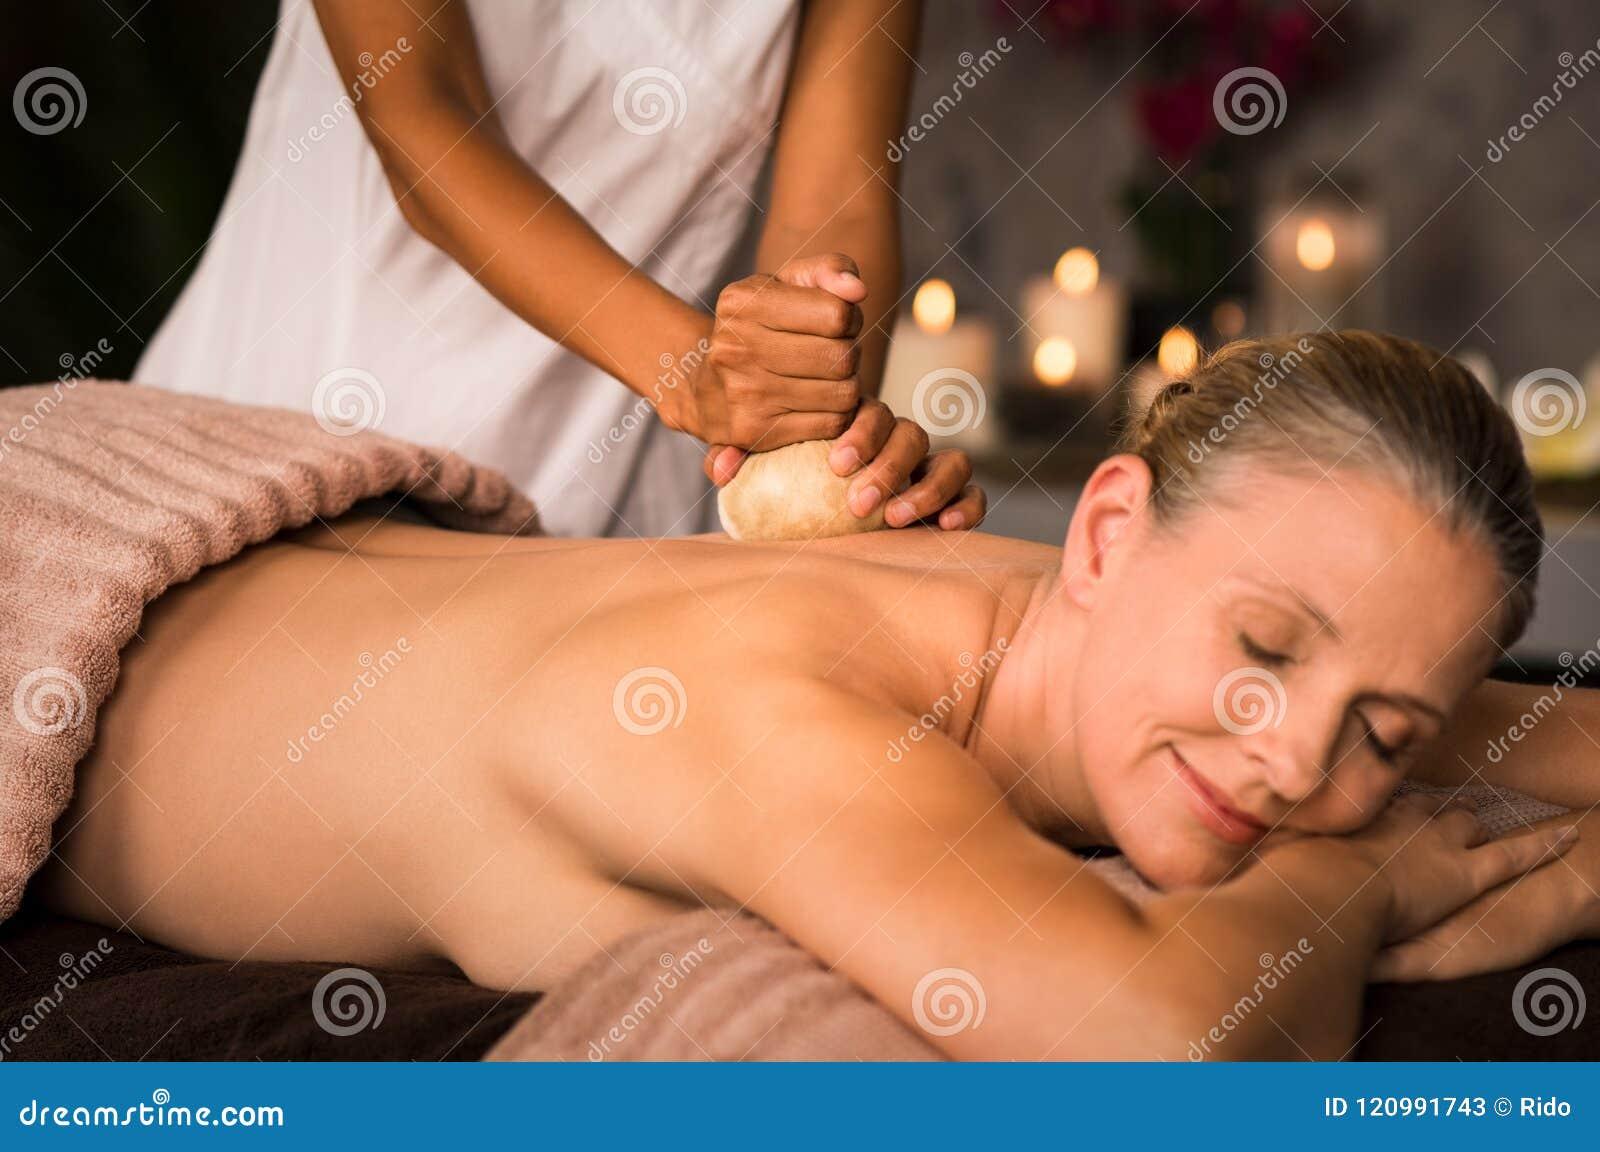 δωρεάν πορνό με γυναικείος οργασμός